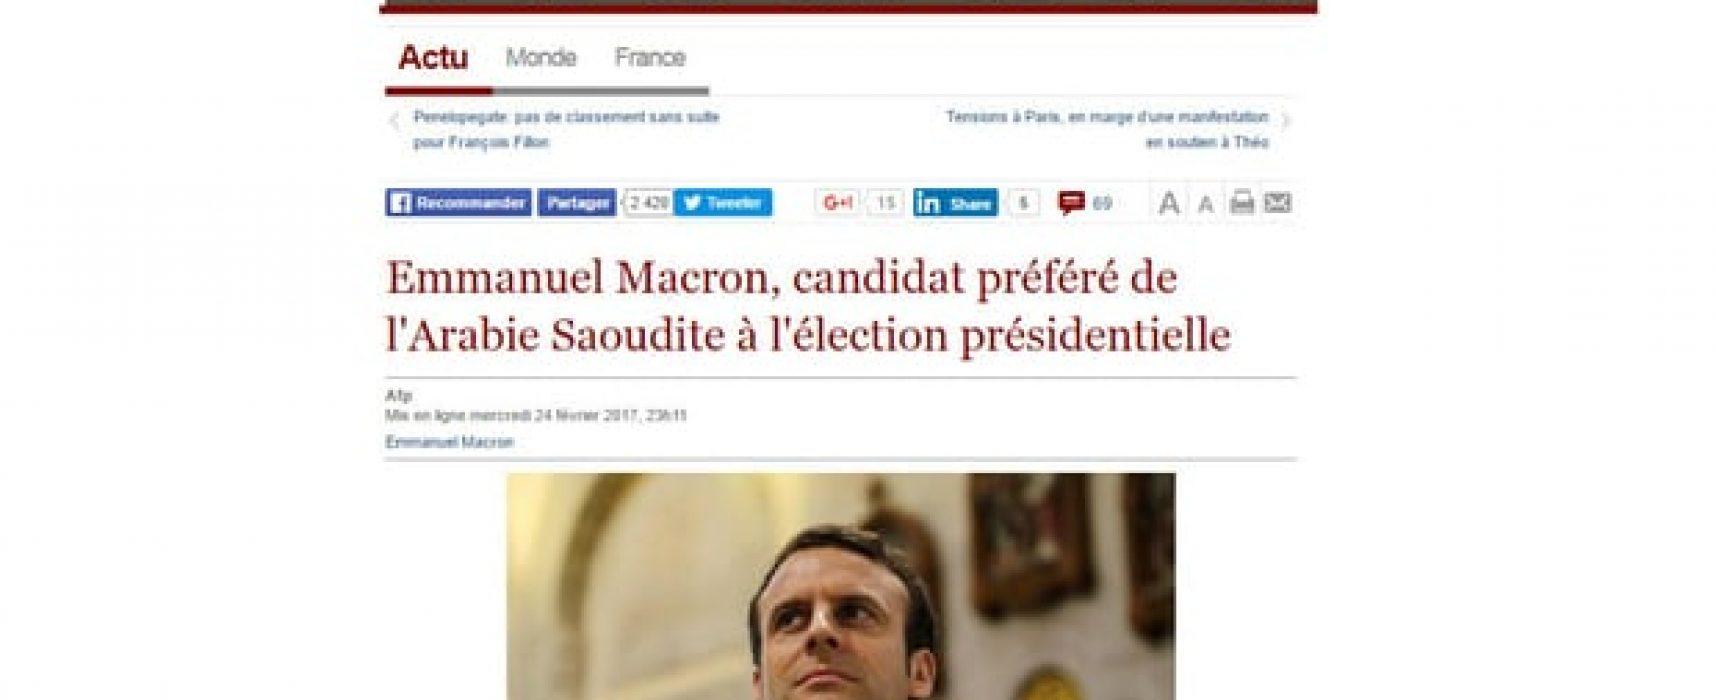 Coda: Welle von Fake-News werden durch gefälschte Kopien von Nachrichtenseiten verbreitet